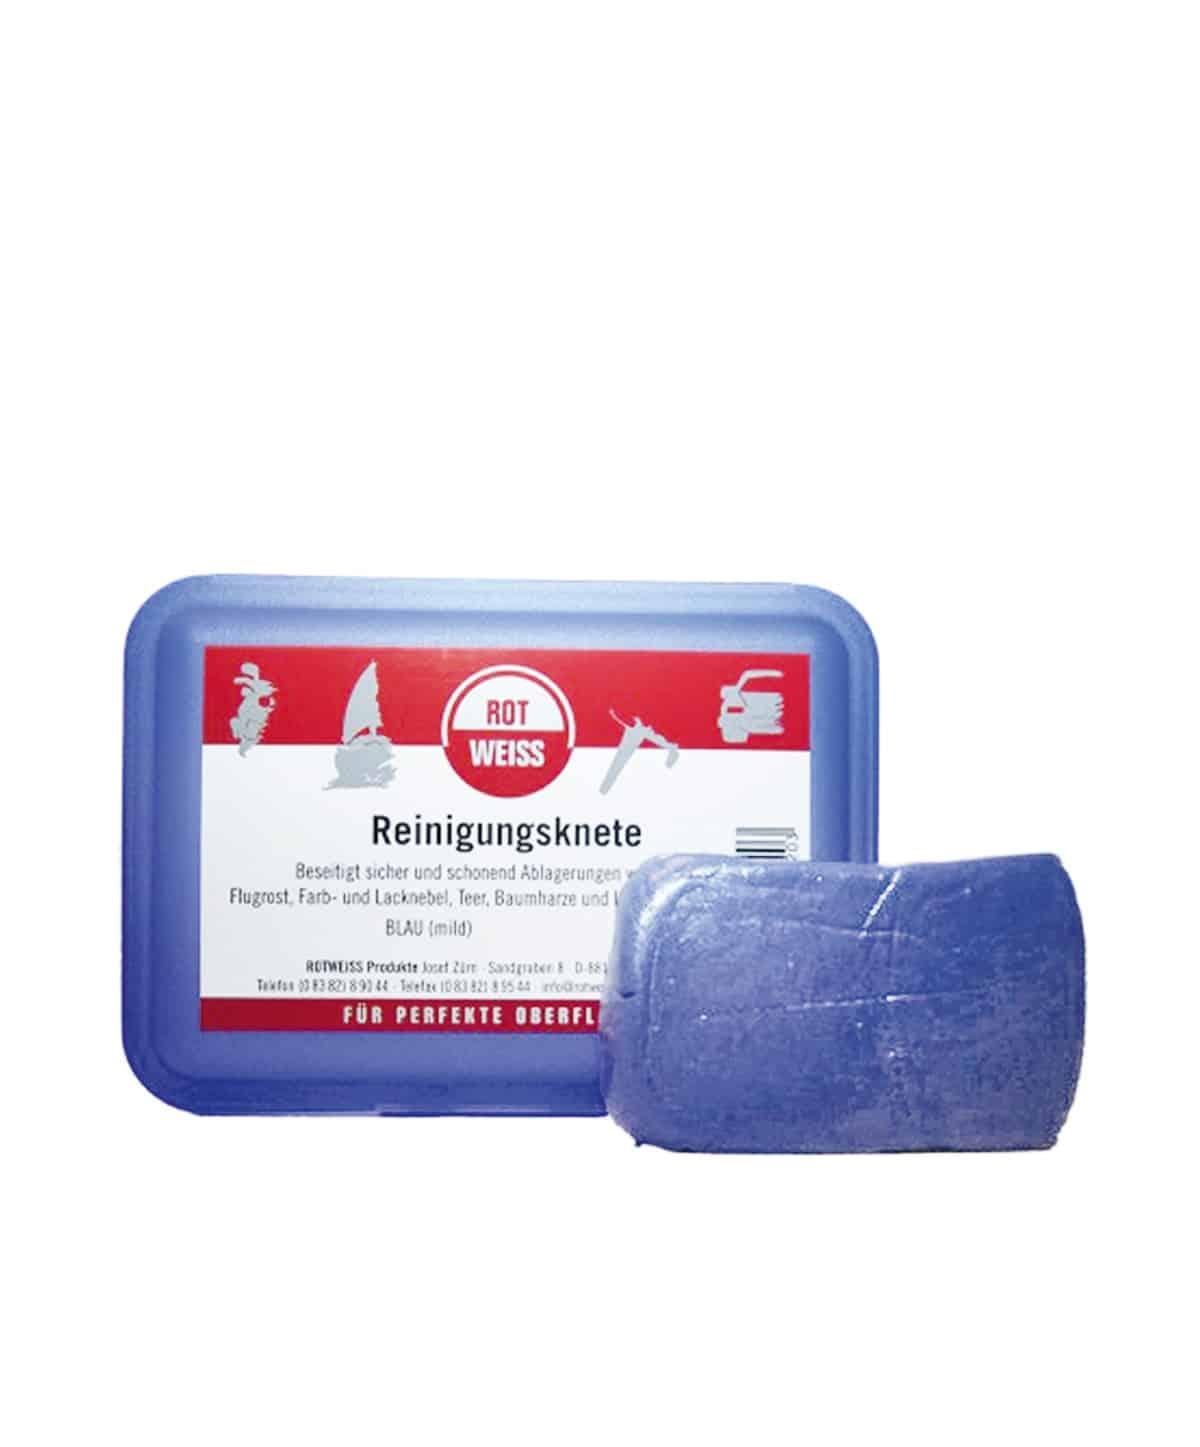 ROTWEISS Reinigungsknete Blau